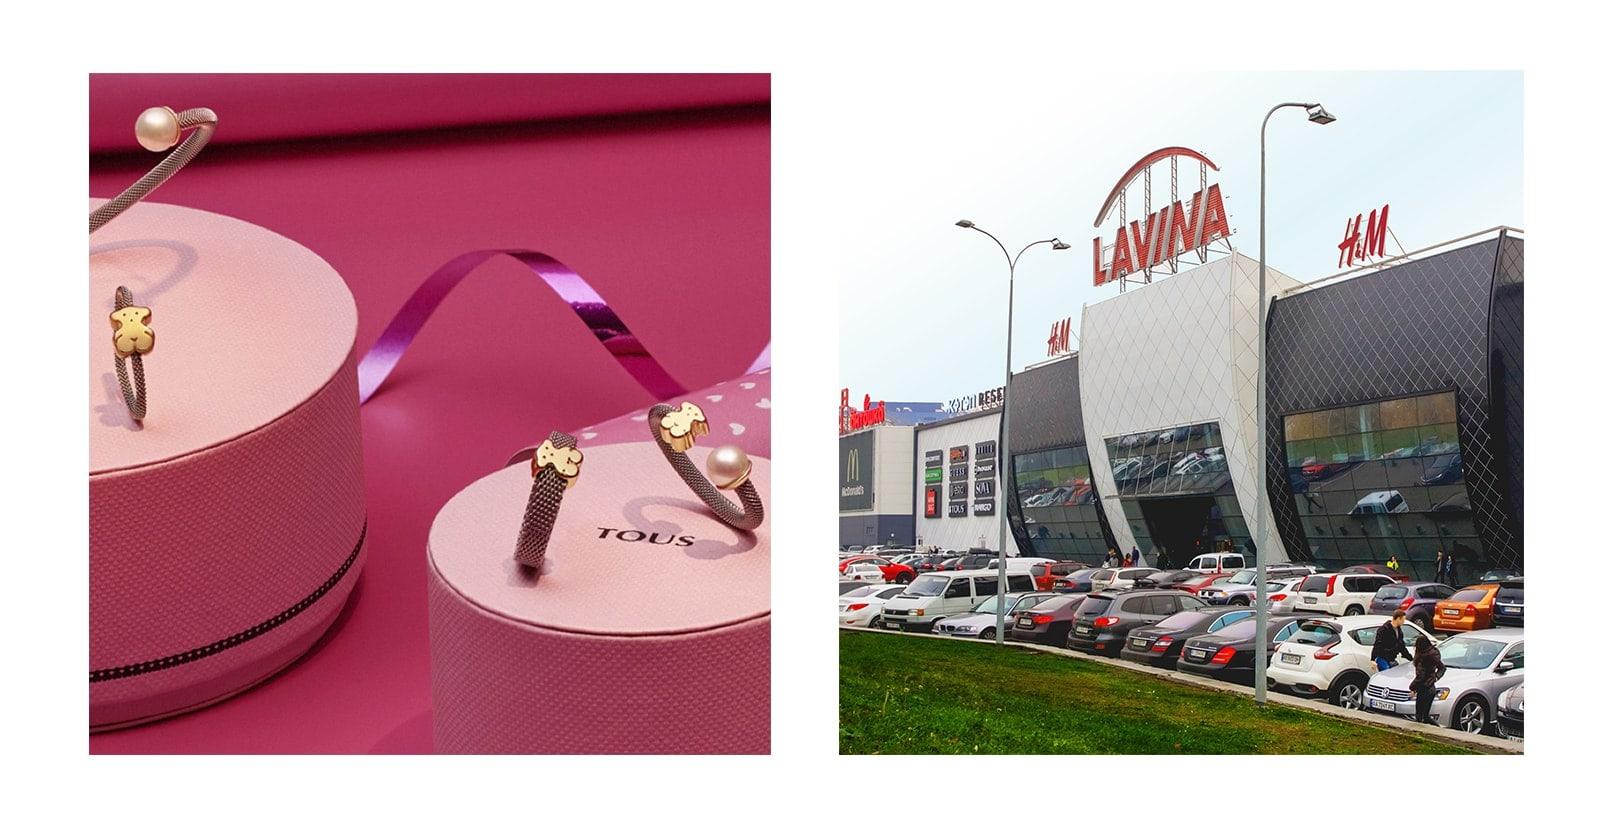 «Ведмедики» вже в Lavina Mall. В ТРЦ відкрився магазин Tous